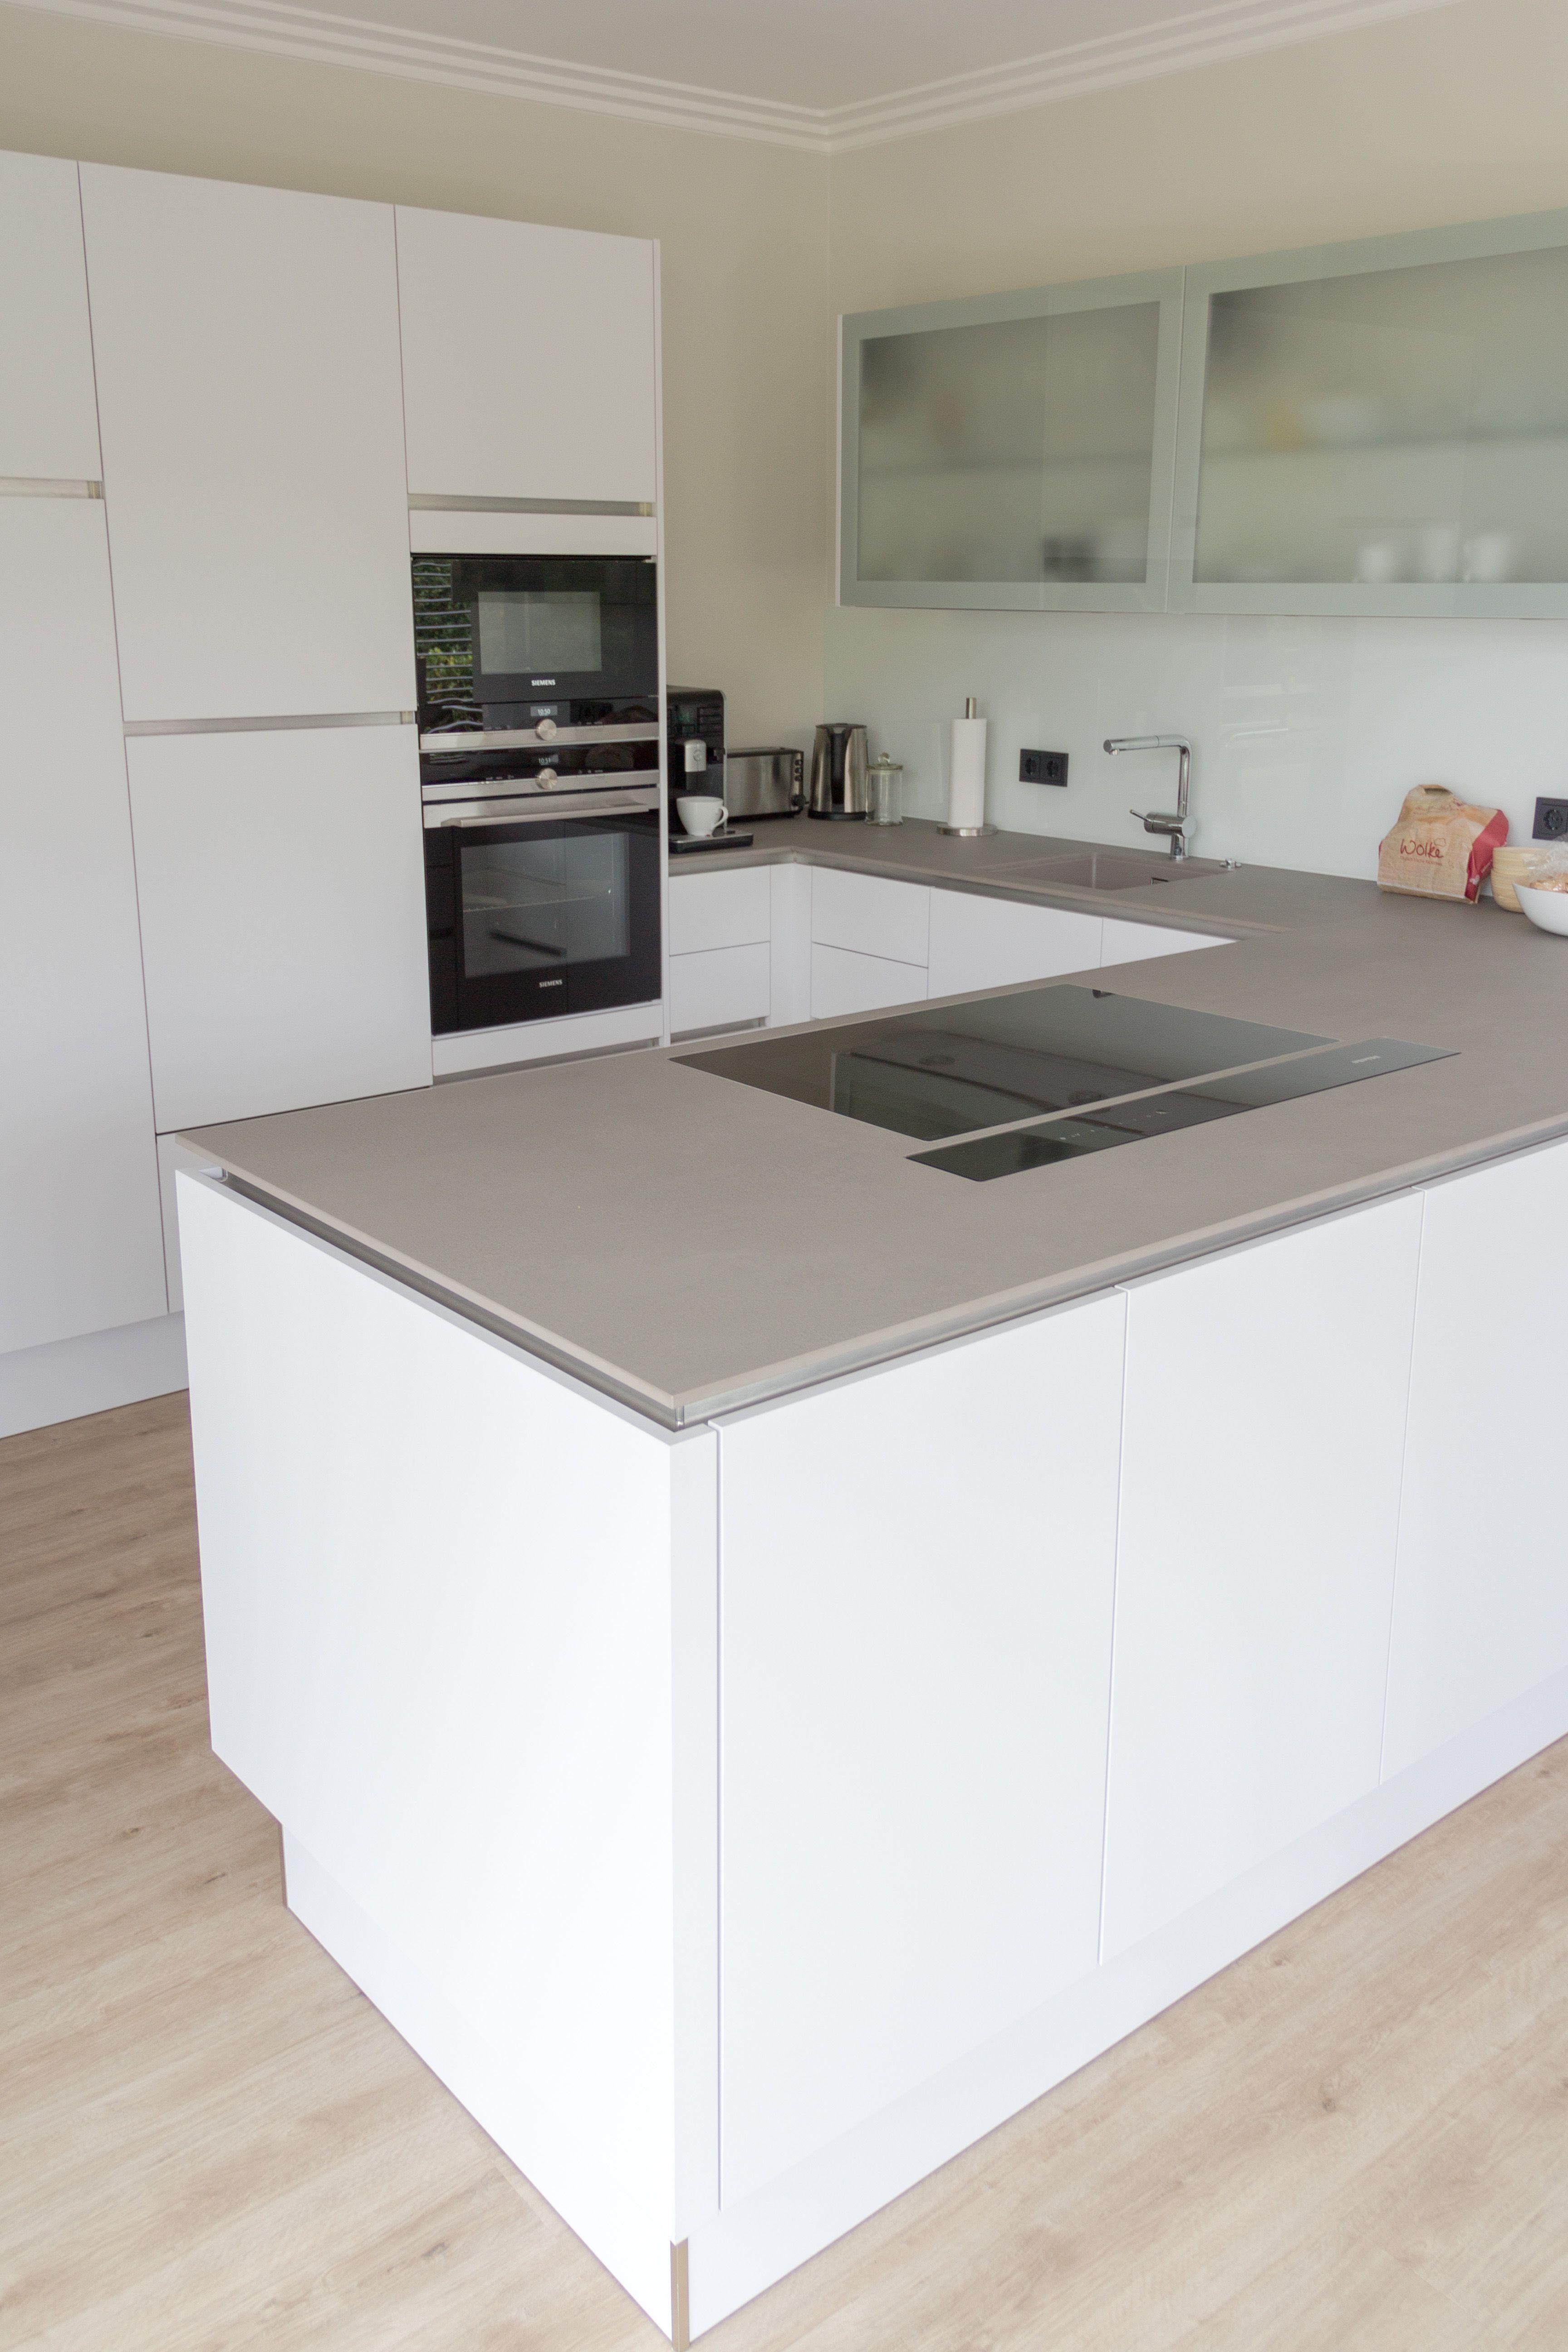 Moderne Kuche In Weiss Moderne Kuche Moderne Weisse Kuchen Wohnung Kuche